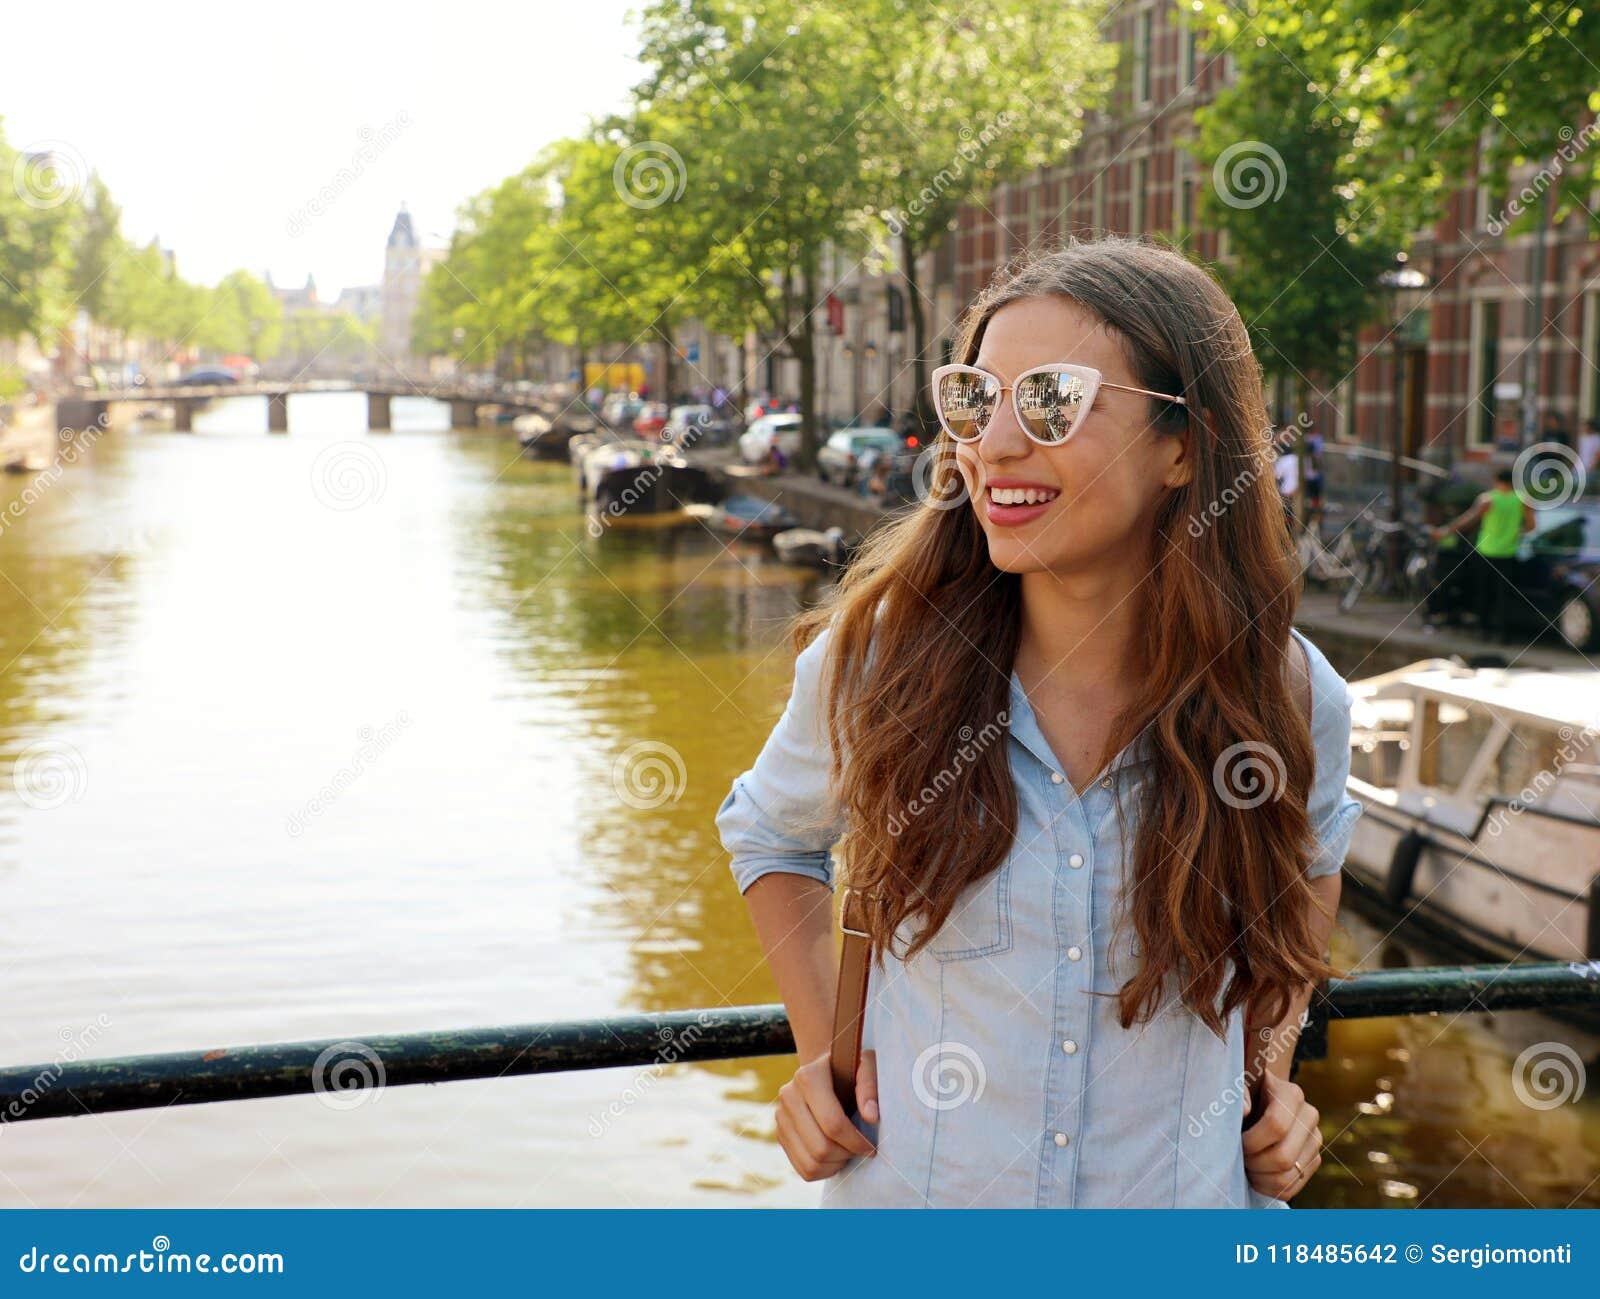 Portret van mooi vrolijk meisje die met zonnebril aan de kant op één van de typische kanalen van Amsterdam, Nederland kijken